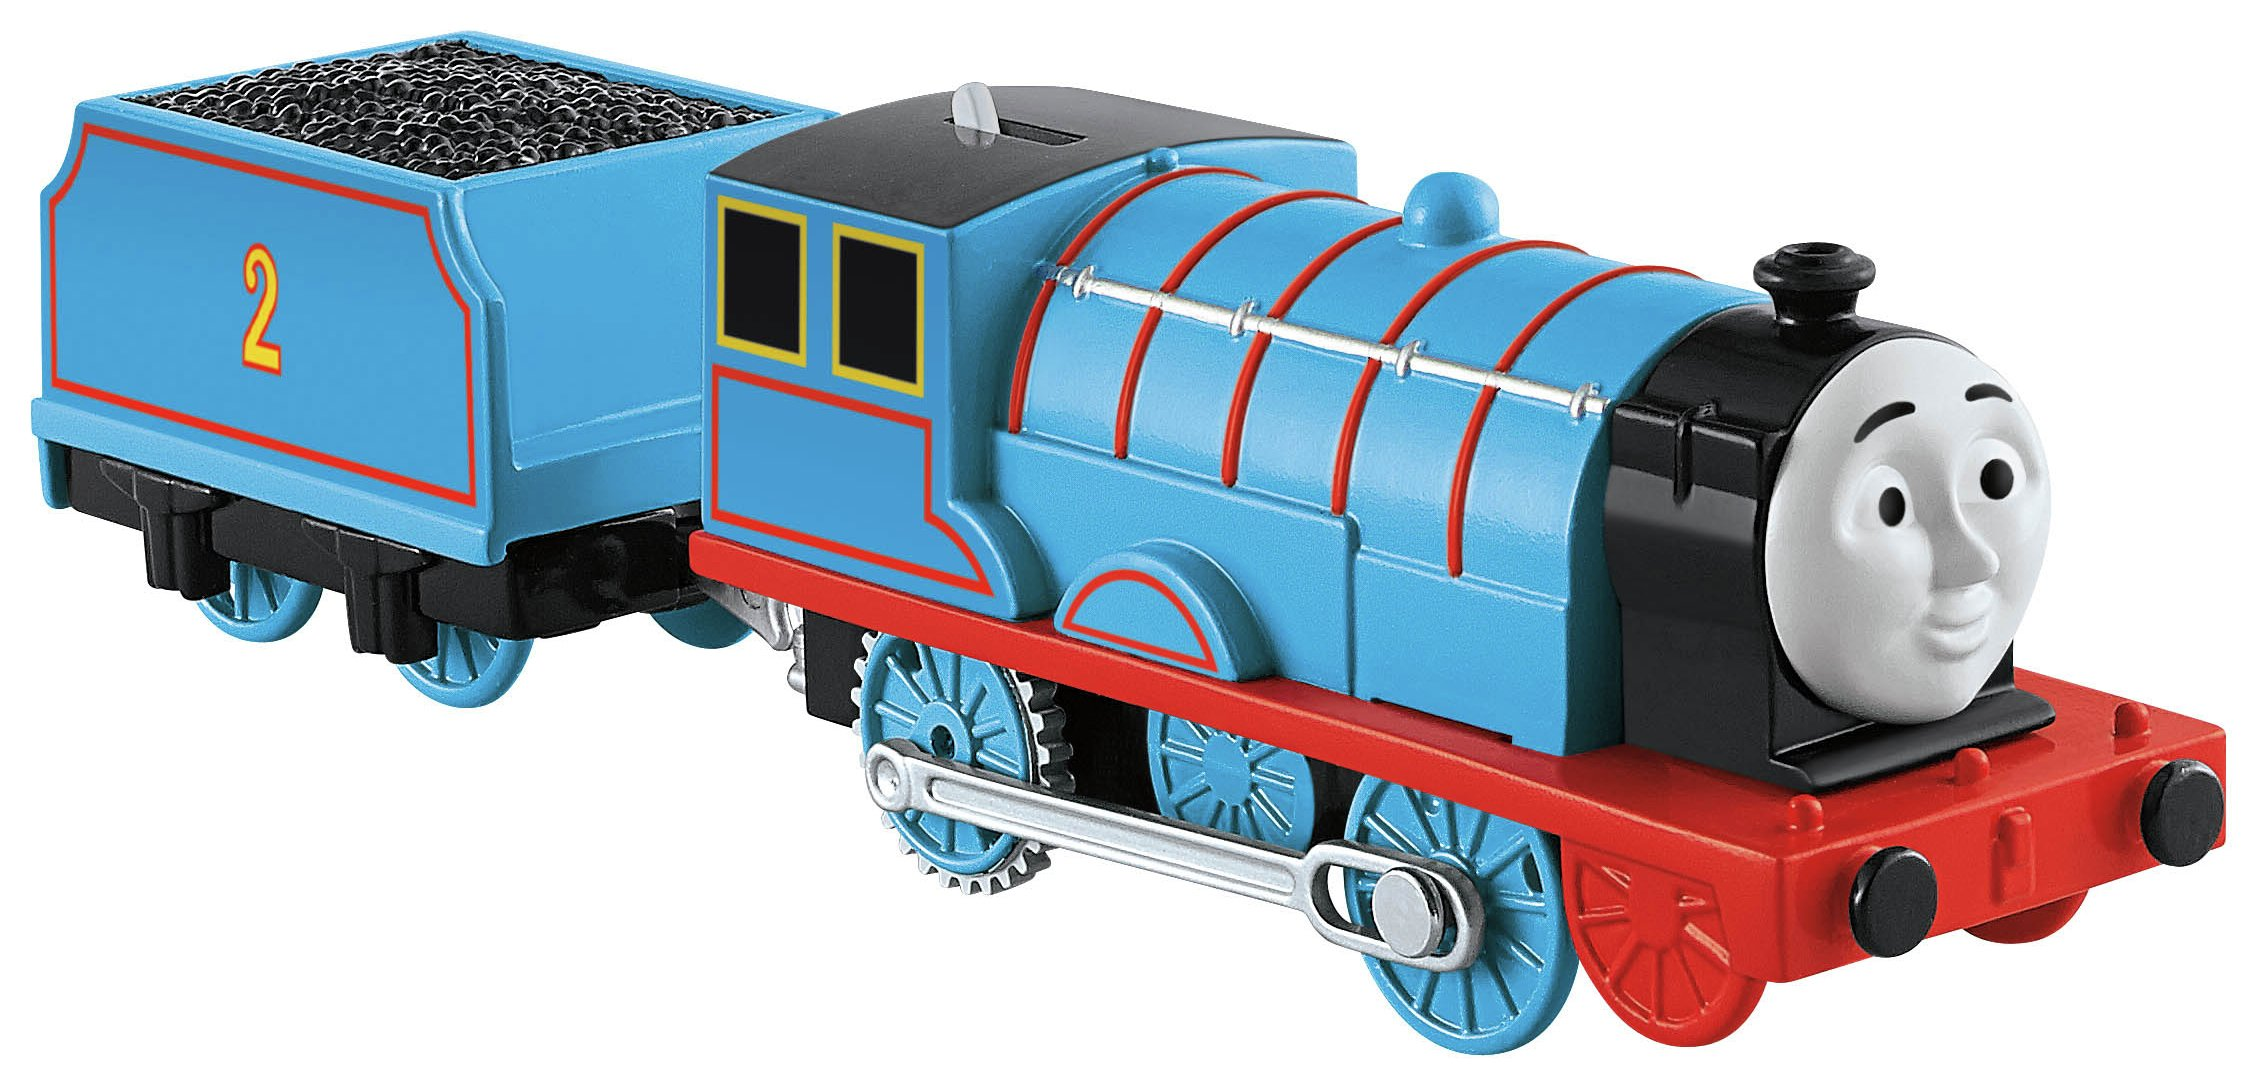 Image of Thomas & Friends Trackmaster Motorised Edward Engine